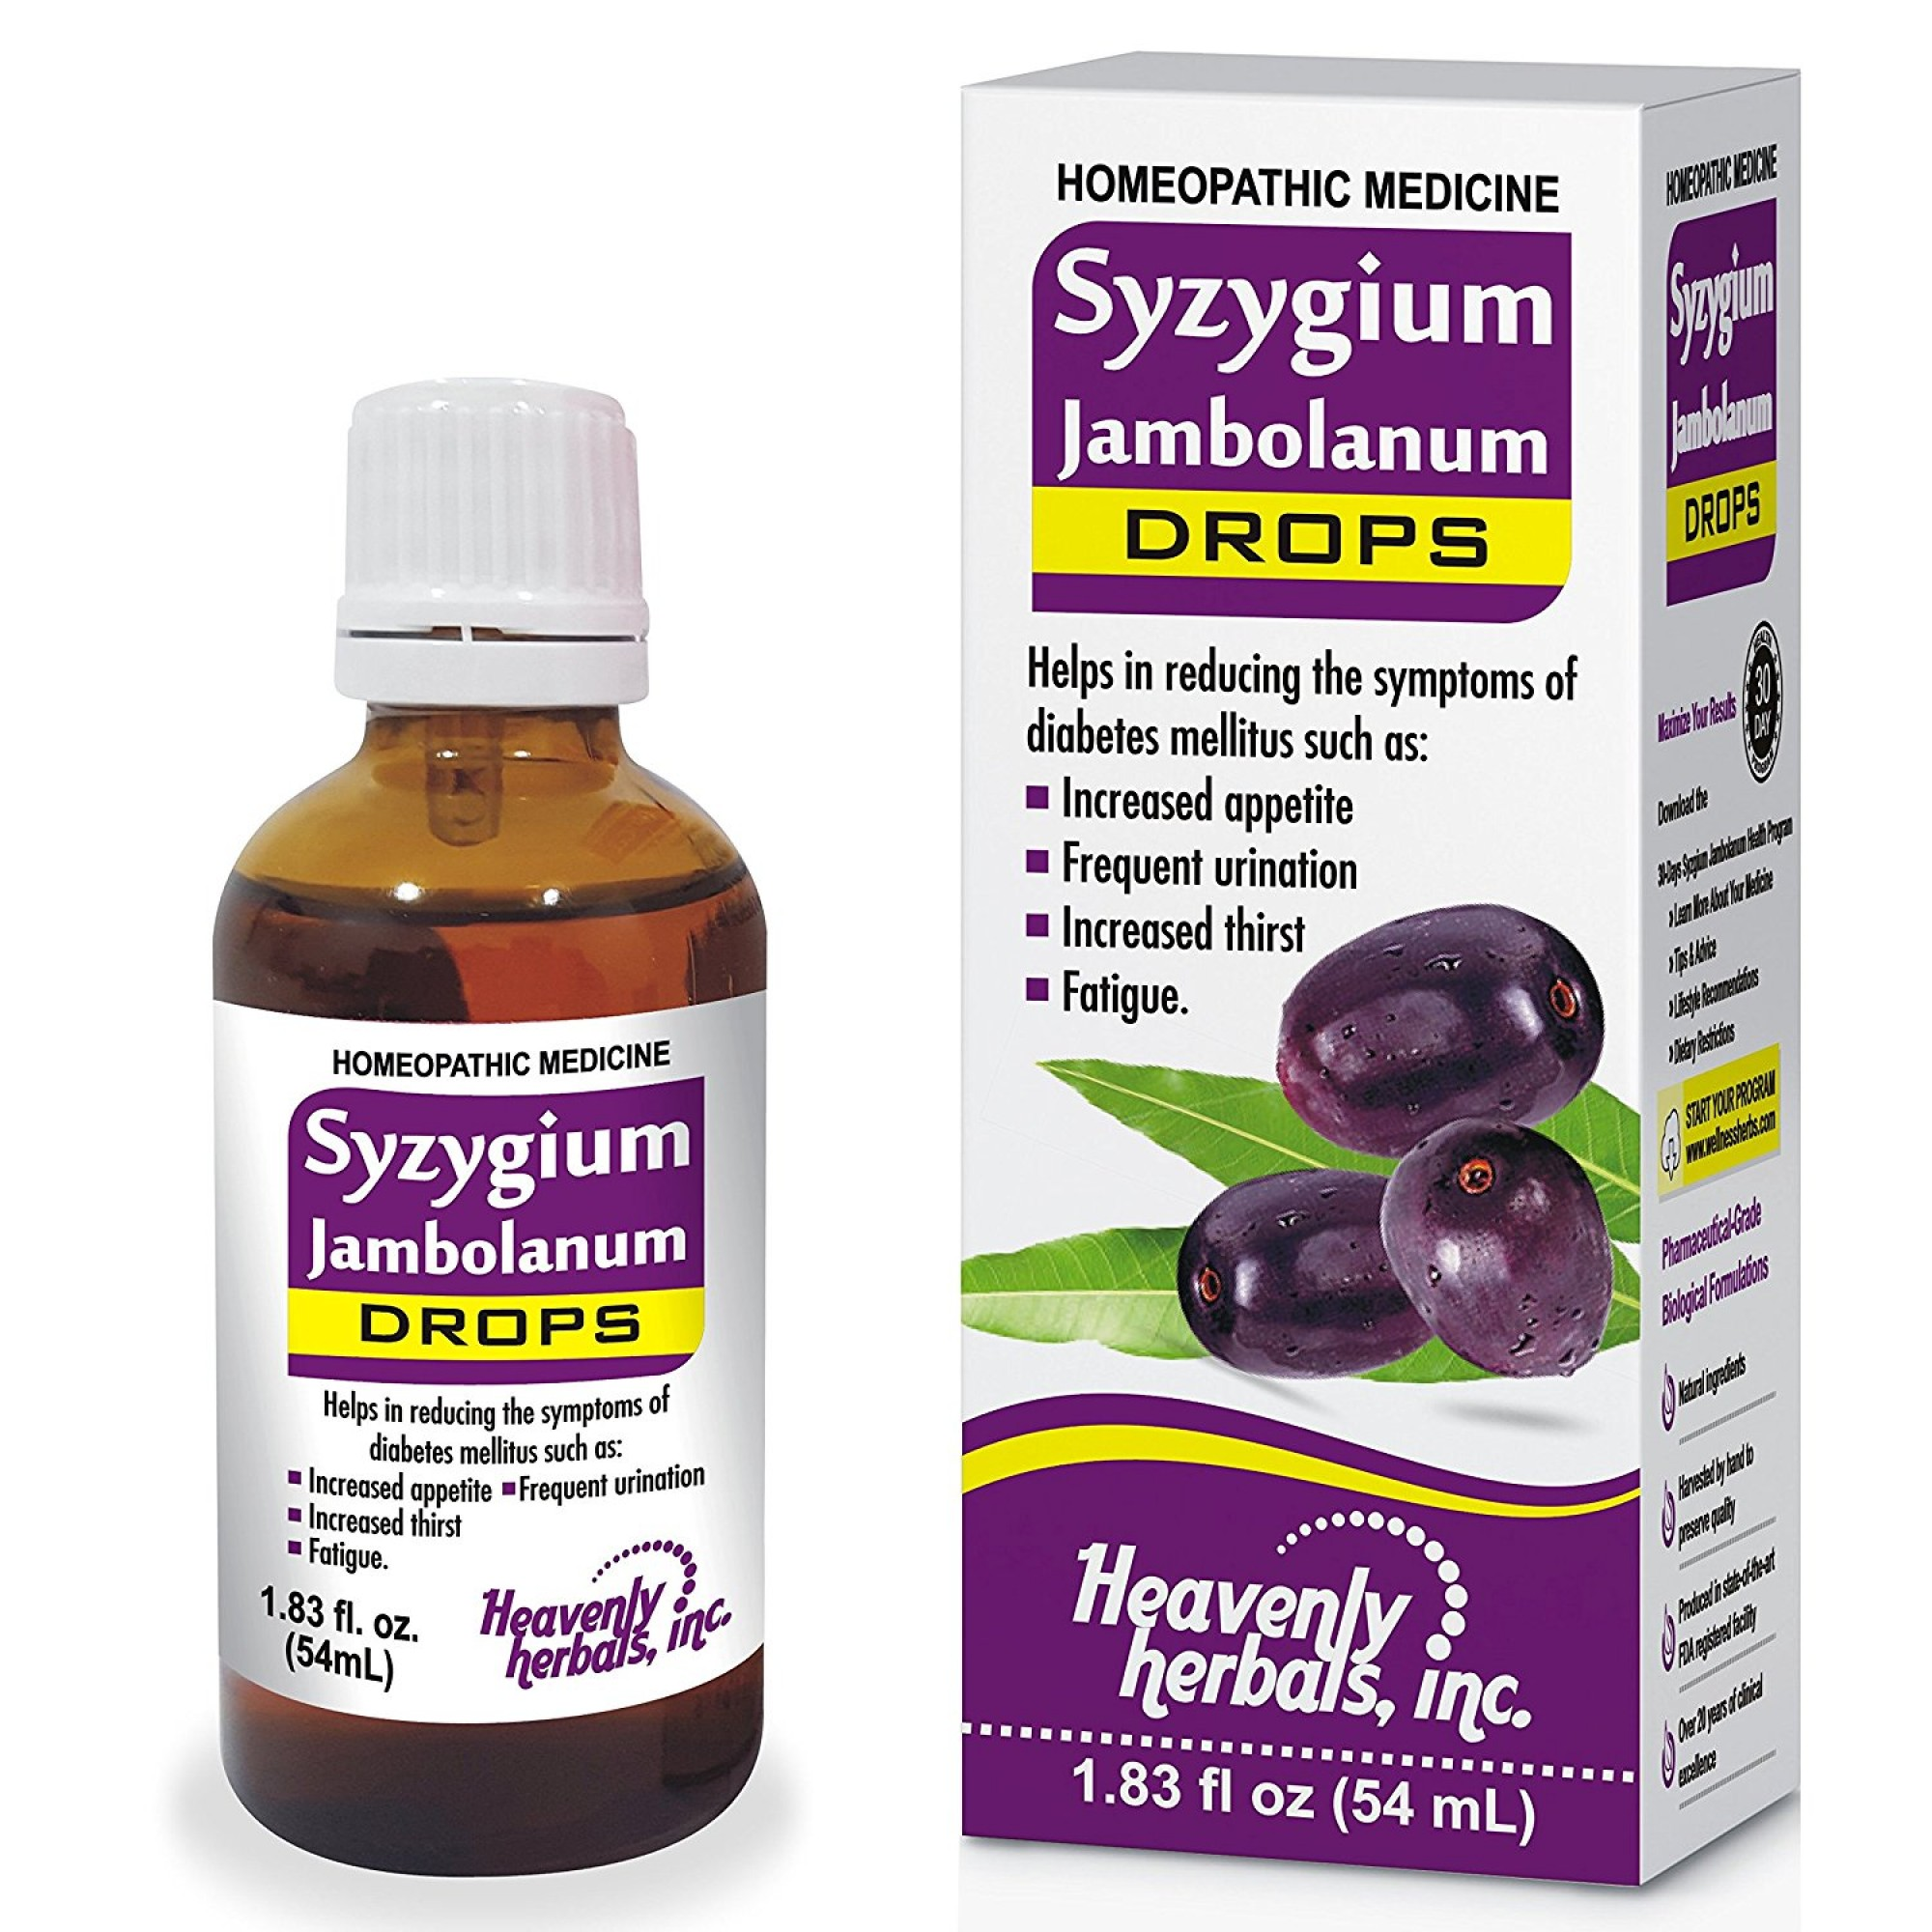 Syzygium Jambolanum Drops